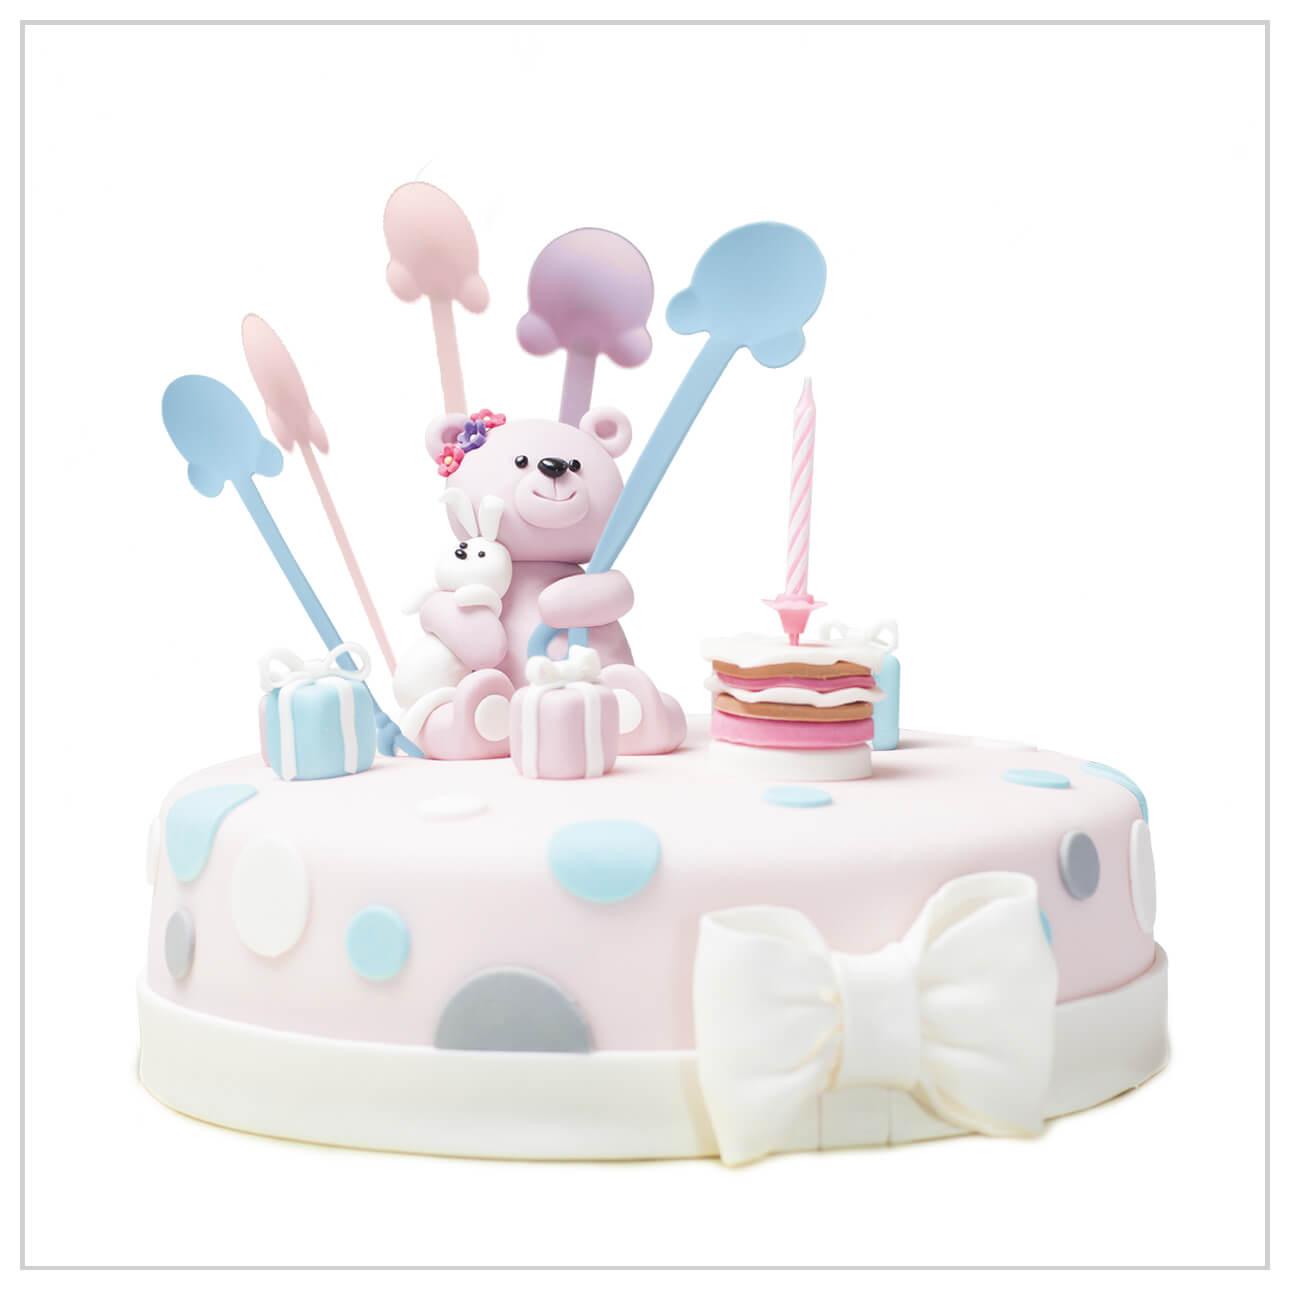 केक चम्मच - केक चम्मच